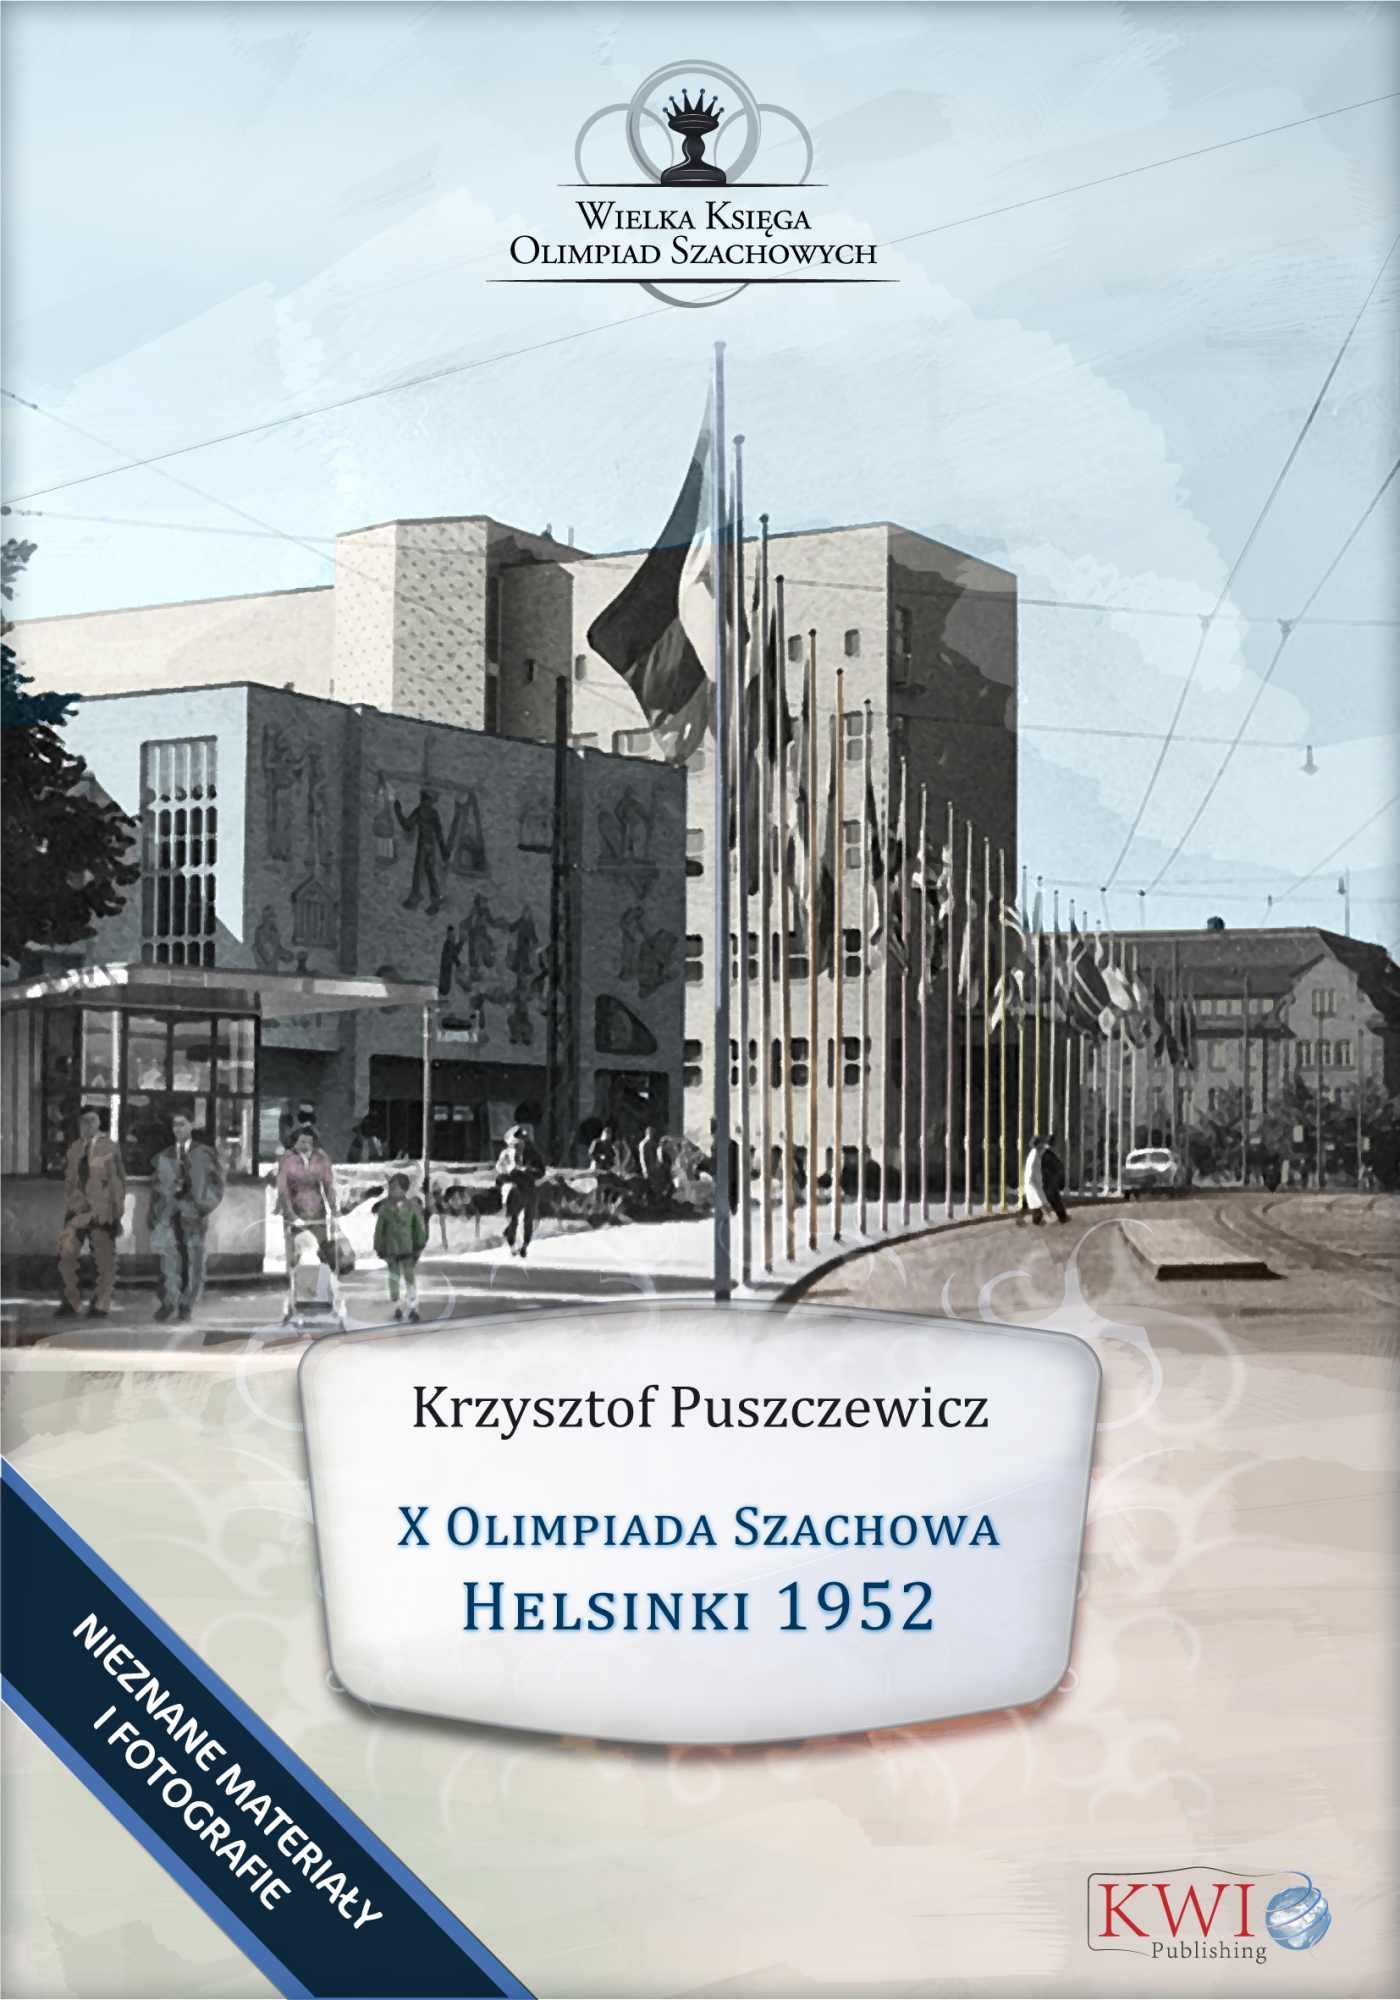 X Olimpiada Szachowa – Helsinki 1952 - Ebook (Książka EPUB) do pobrania w formacie EPUB